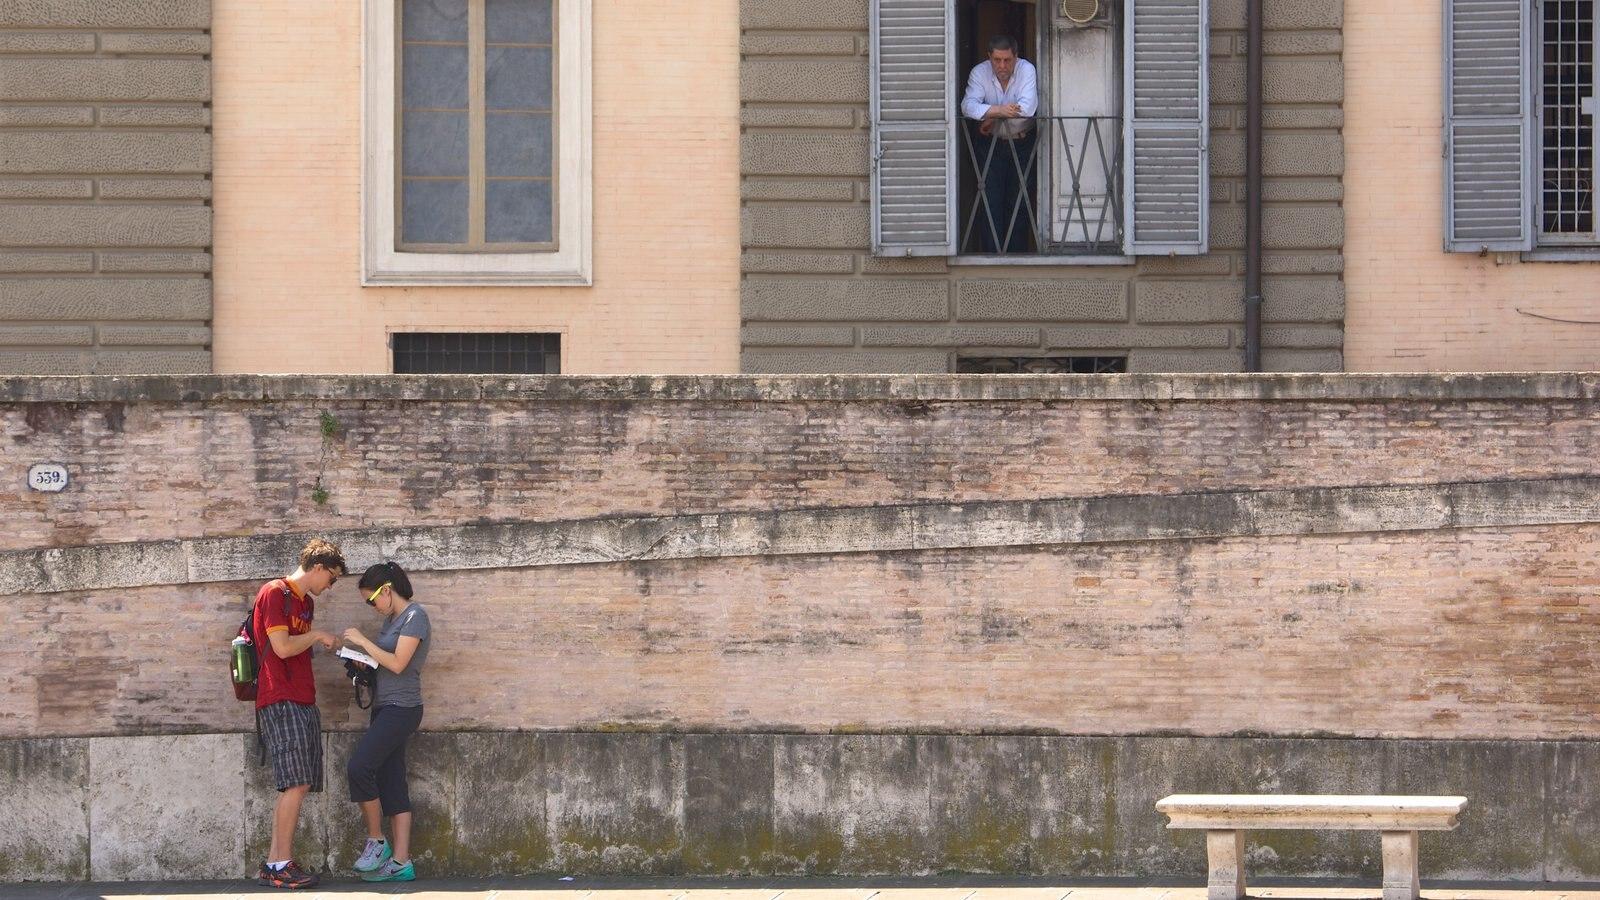 Via del Corso as well as a couple